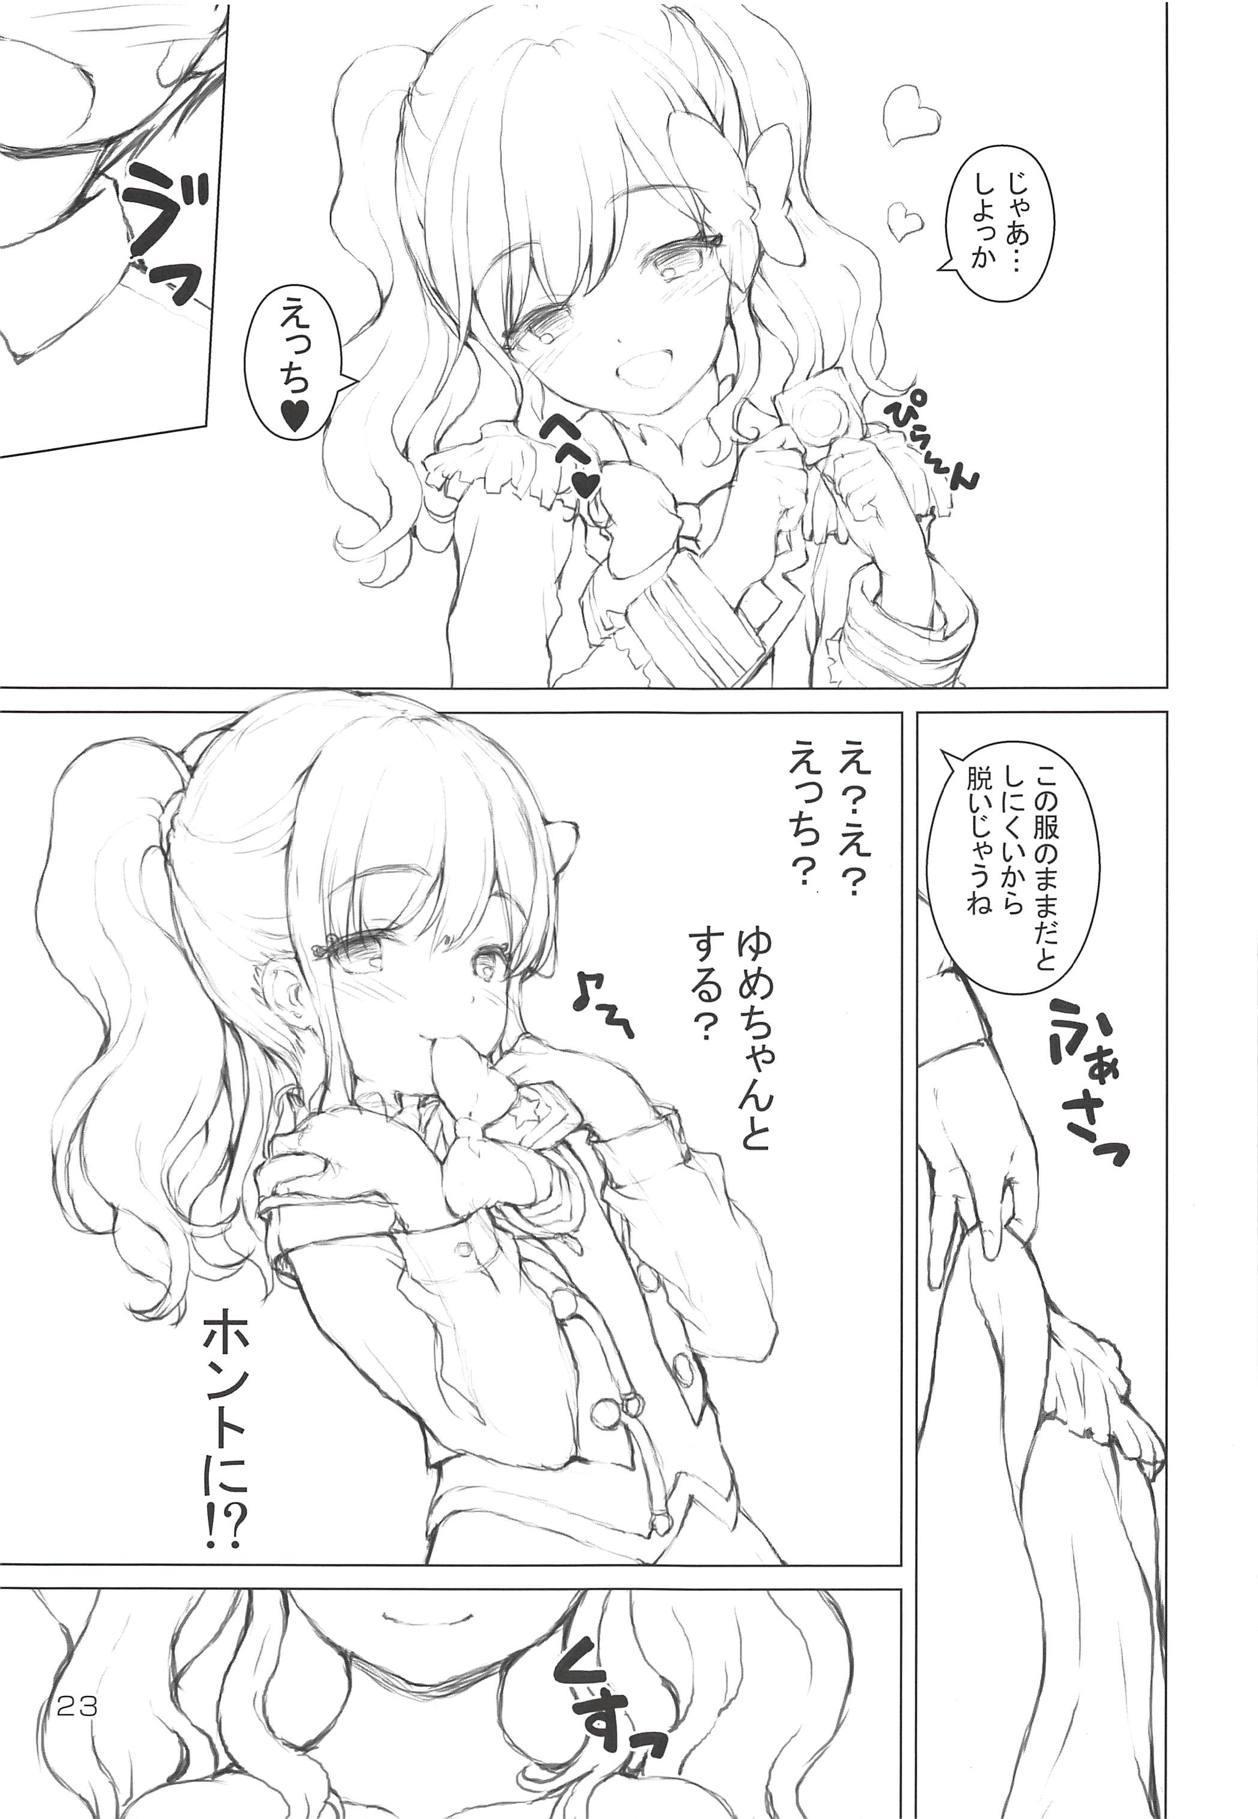 Matokatsu! 21